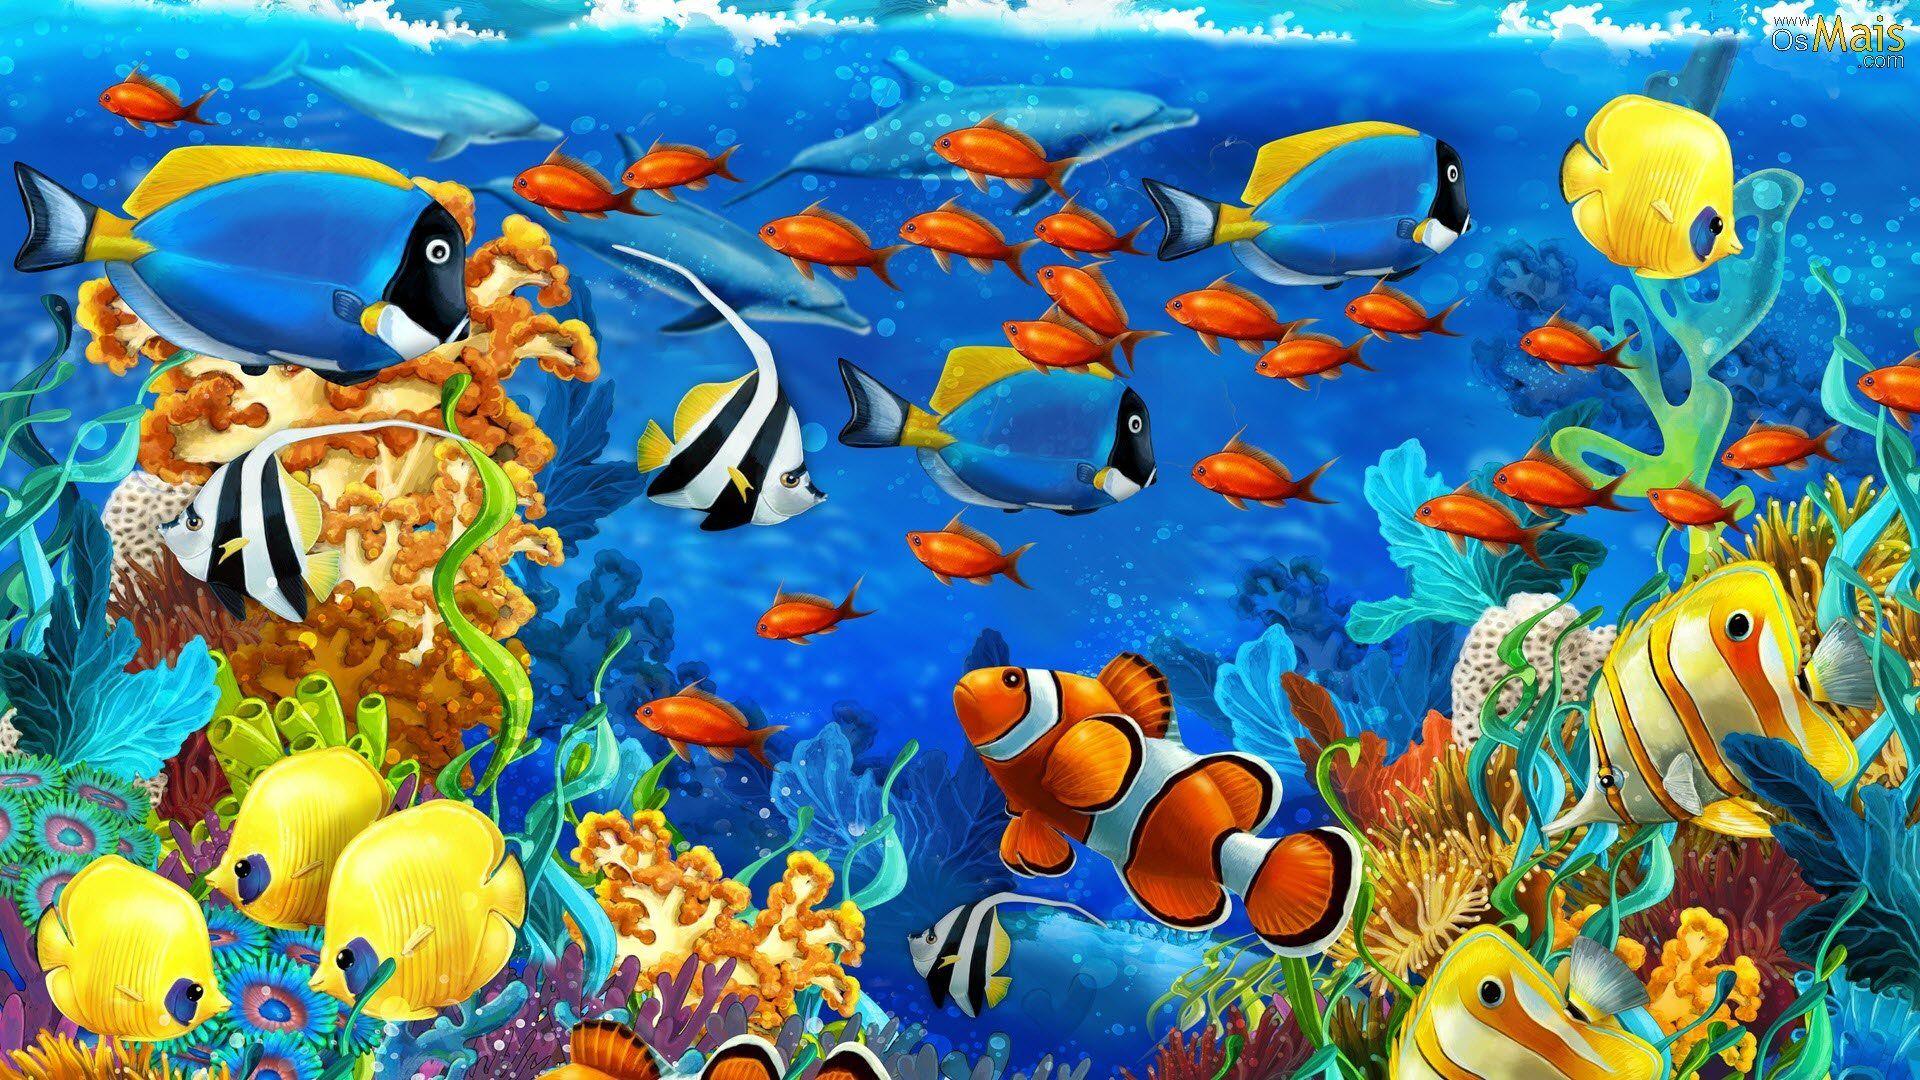 Peixes No Aquario Wallpaper Ideias Para Pintura Pintura A Oleo